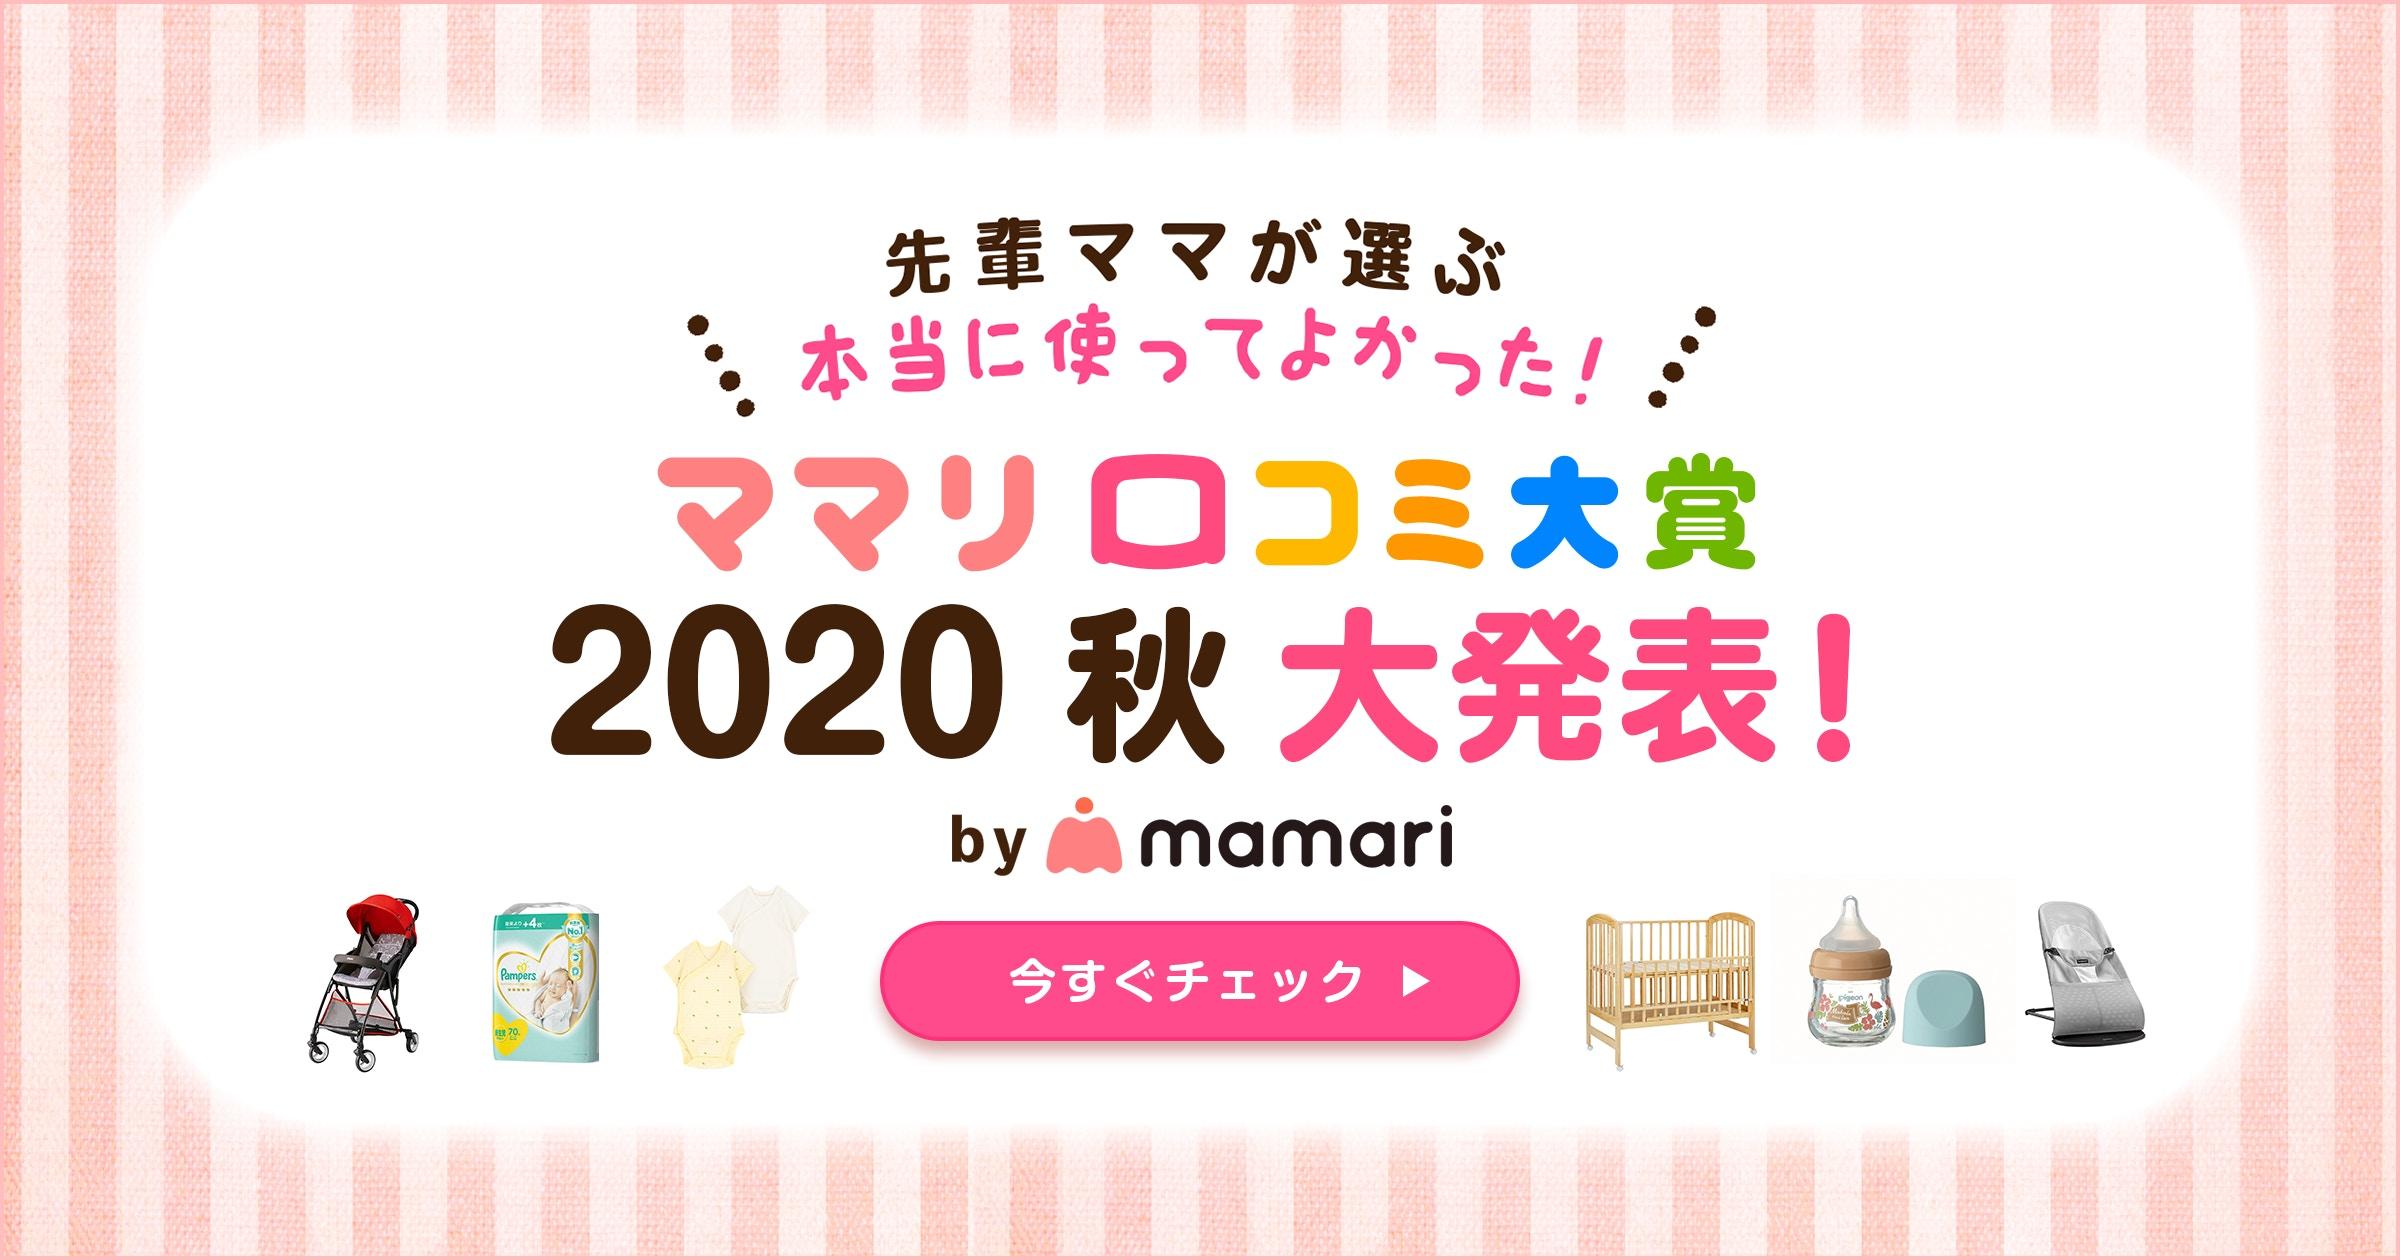 ママリ口コミ大賞2020秋大発表!